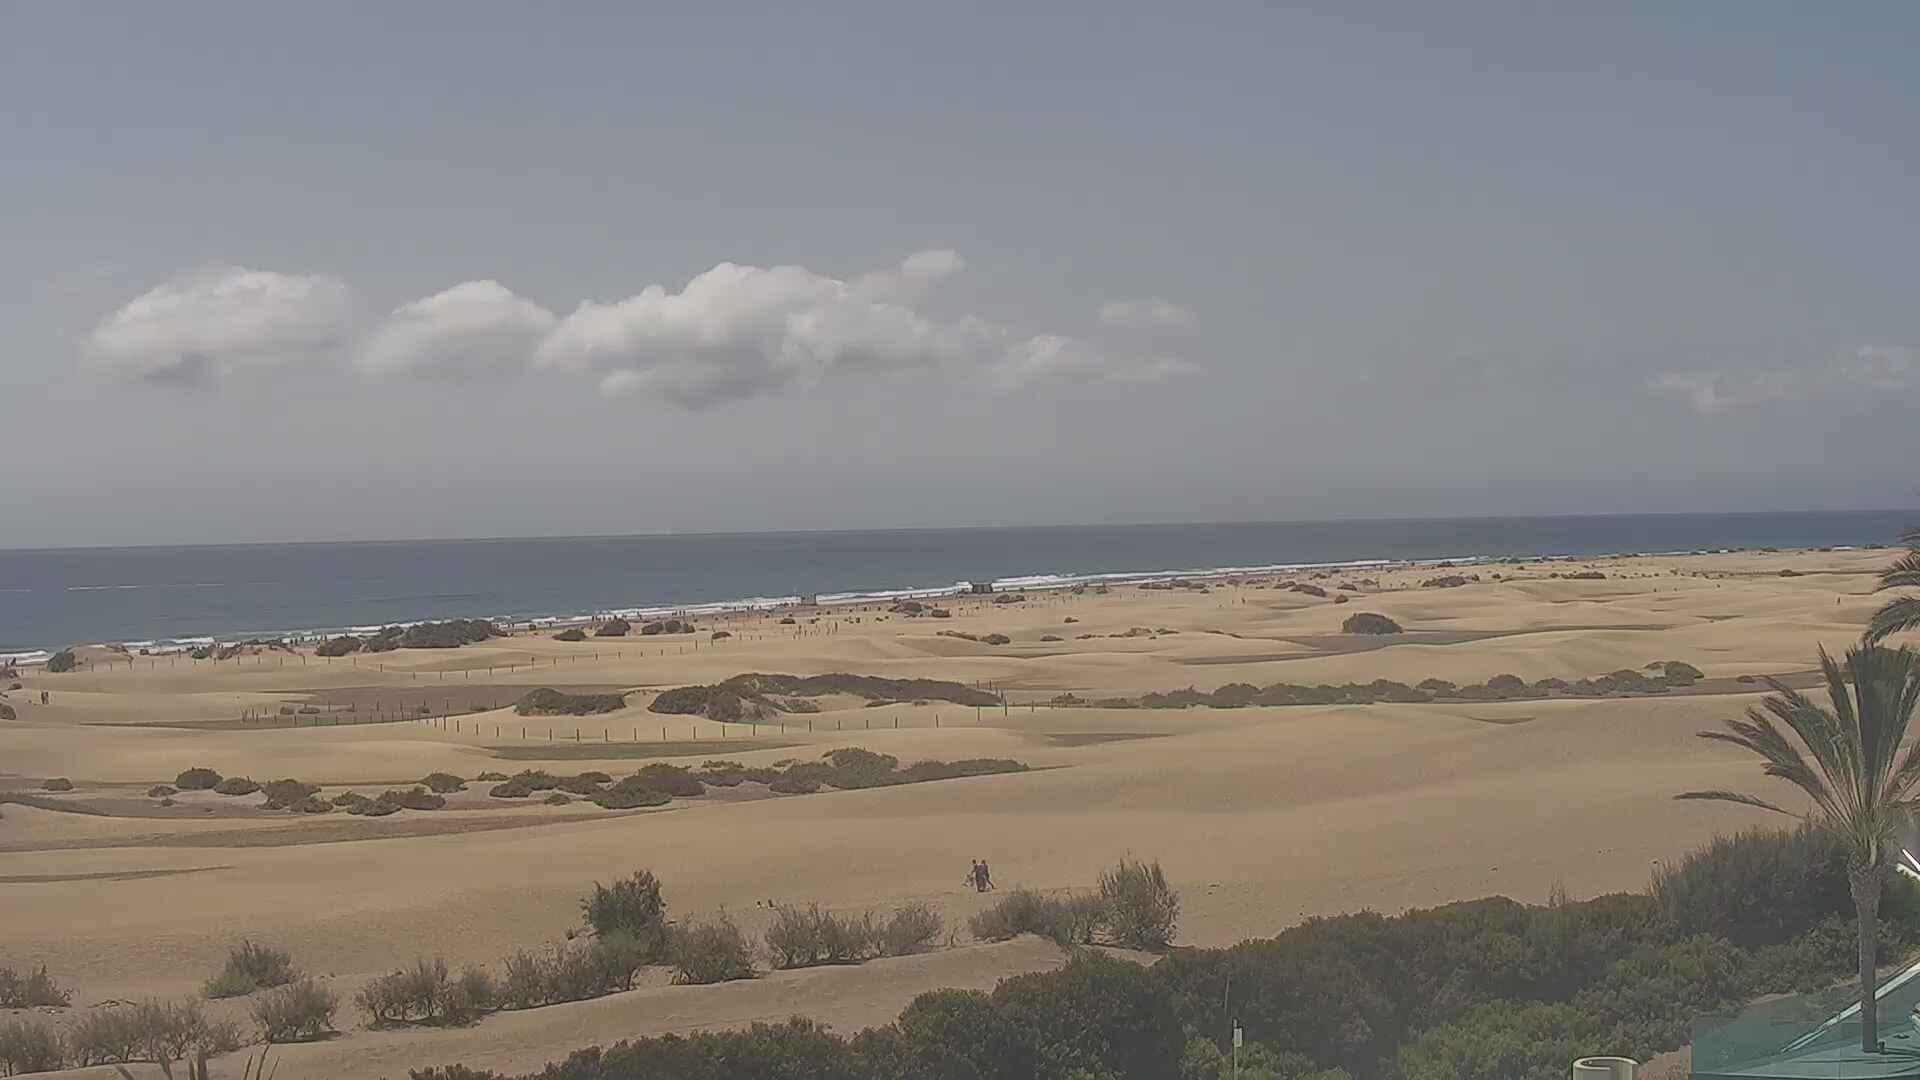 Playa del Ingles (Gran Canaria) Sun. 12:36